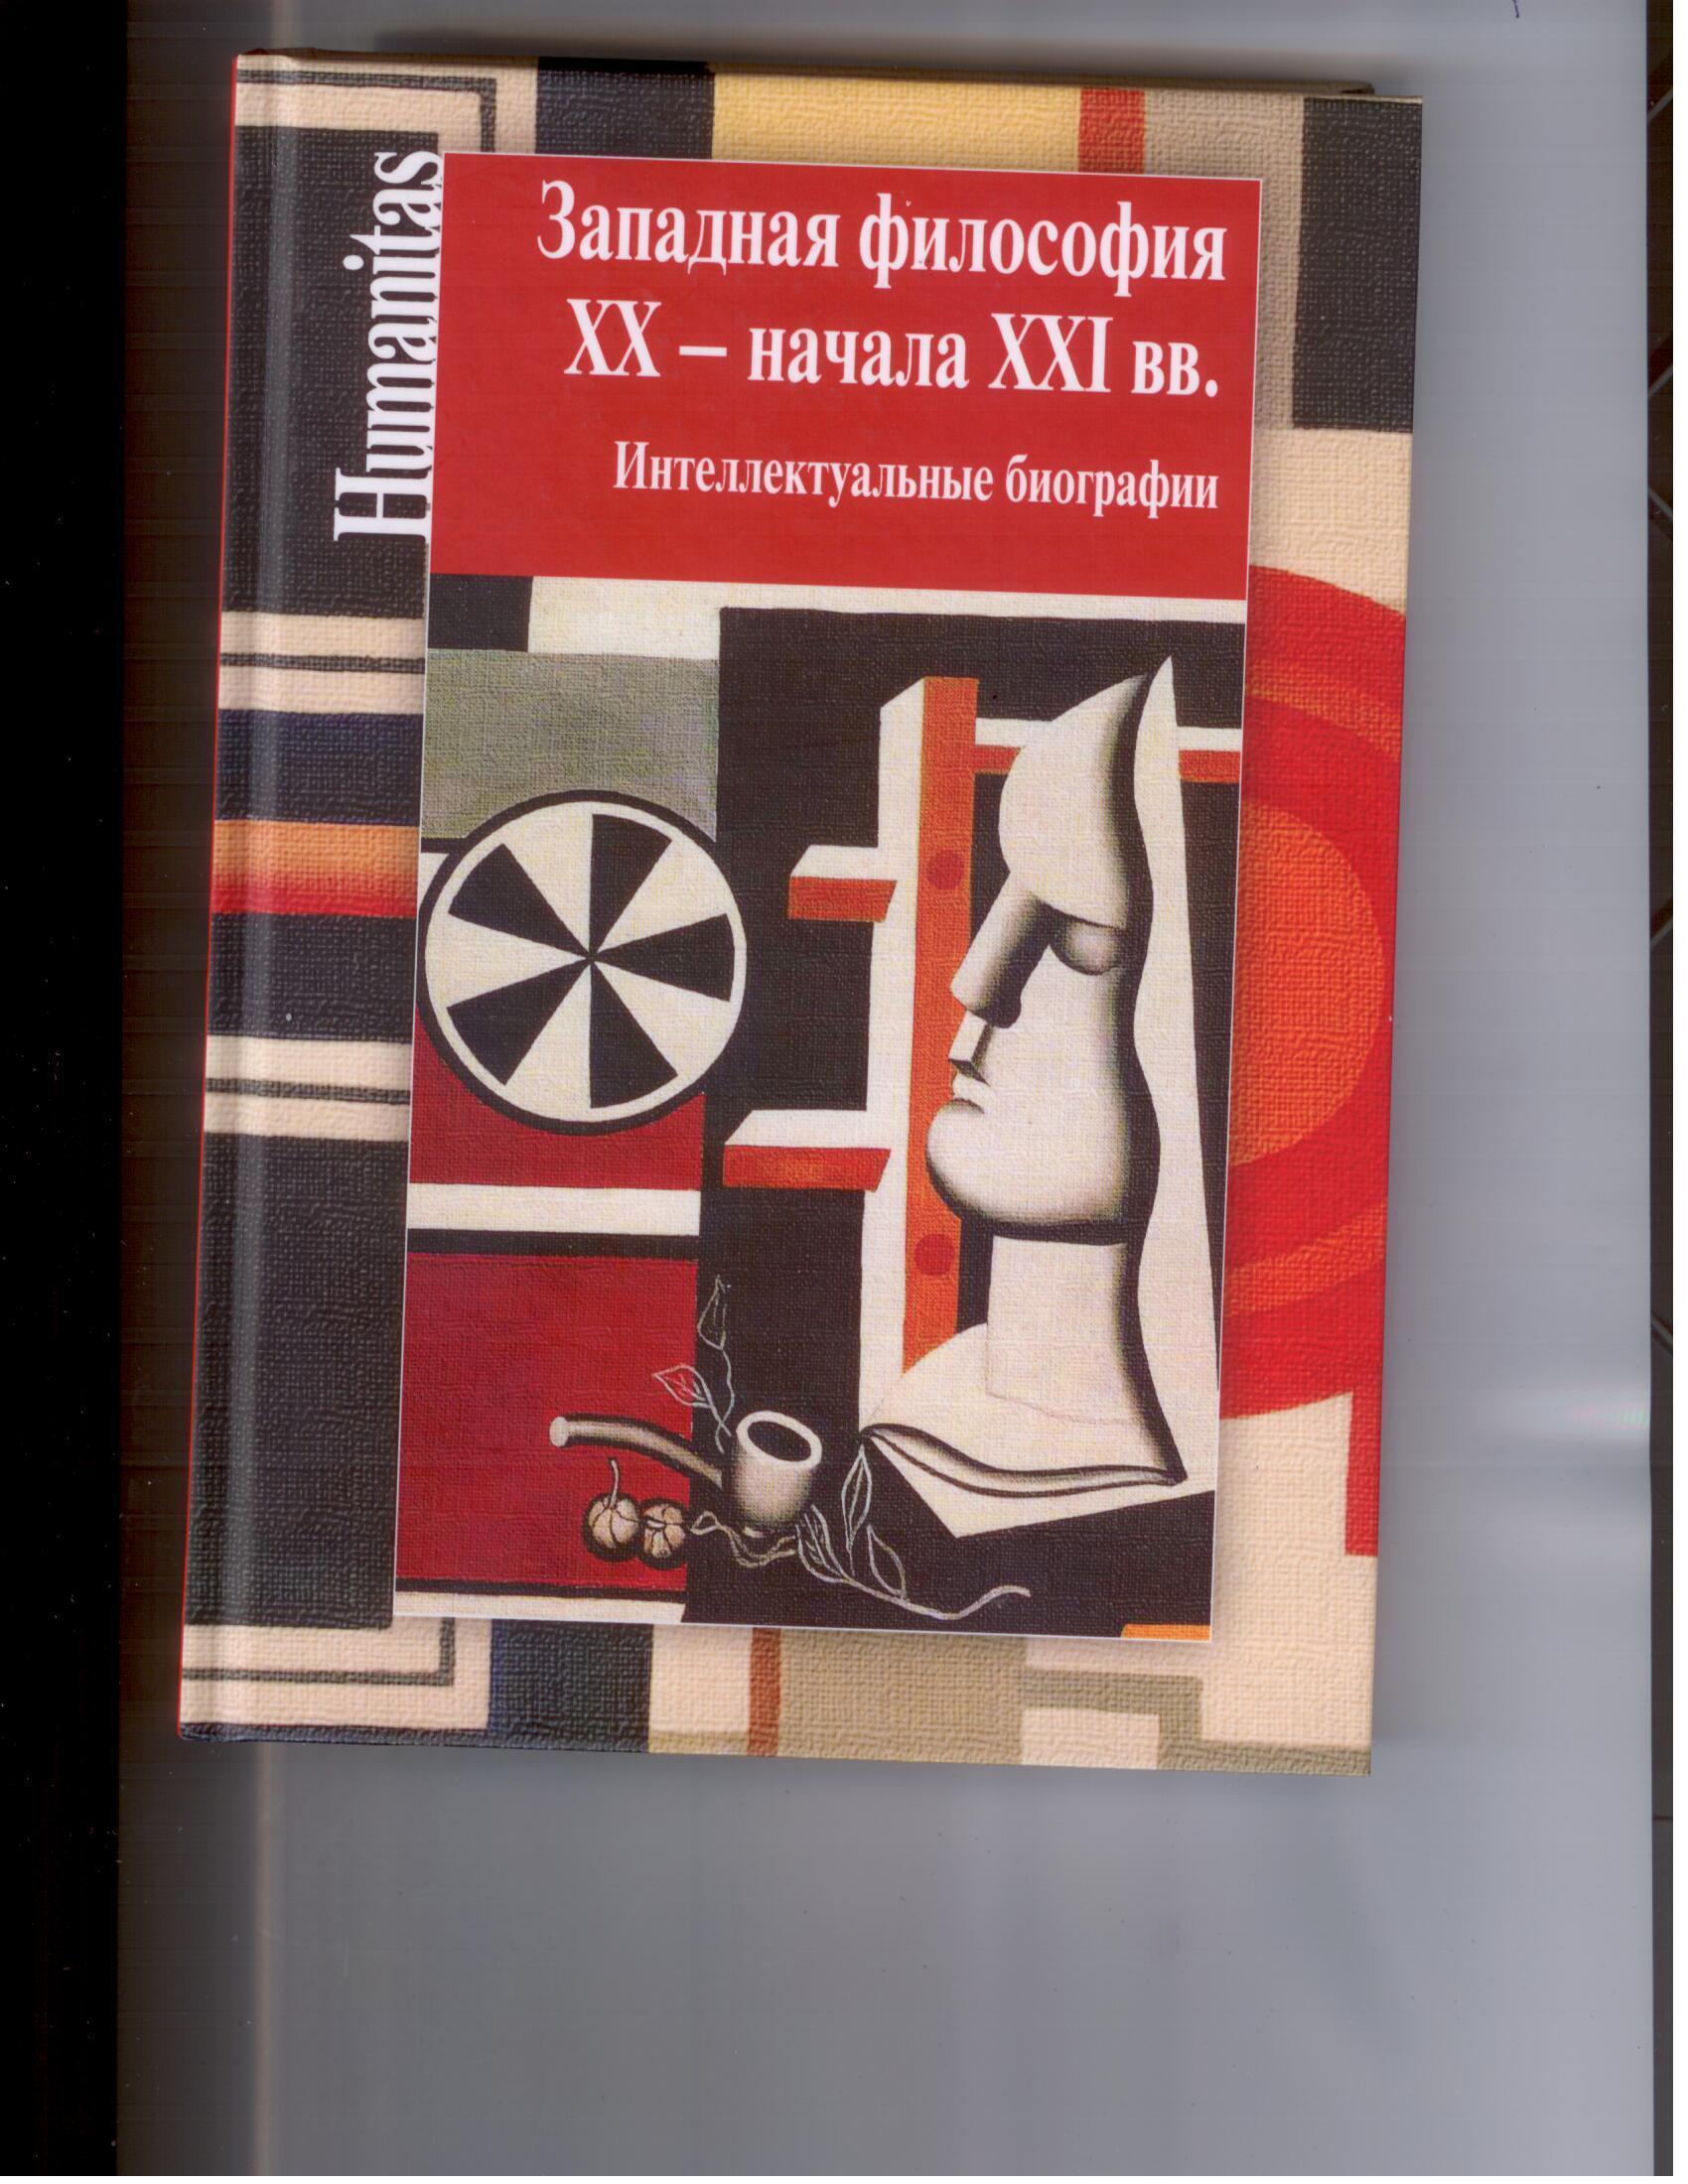 Западная философия XX - начала XXI вв. Интеллектуальные биографии